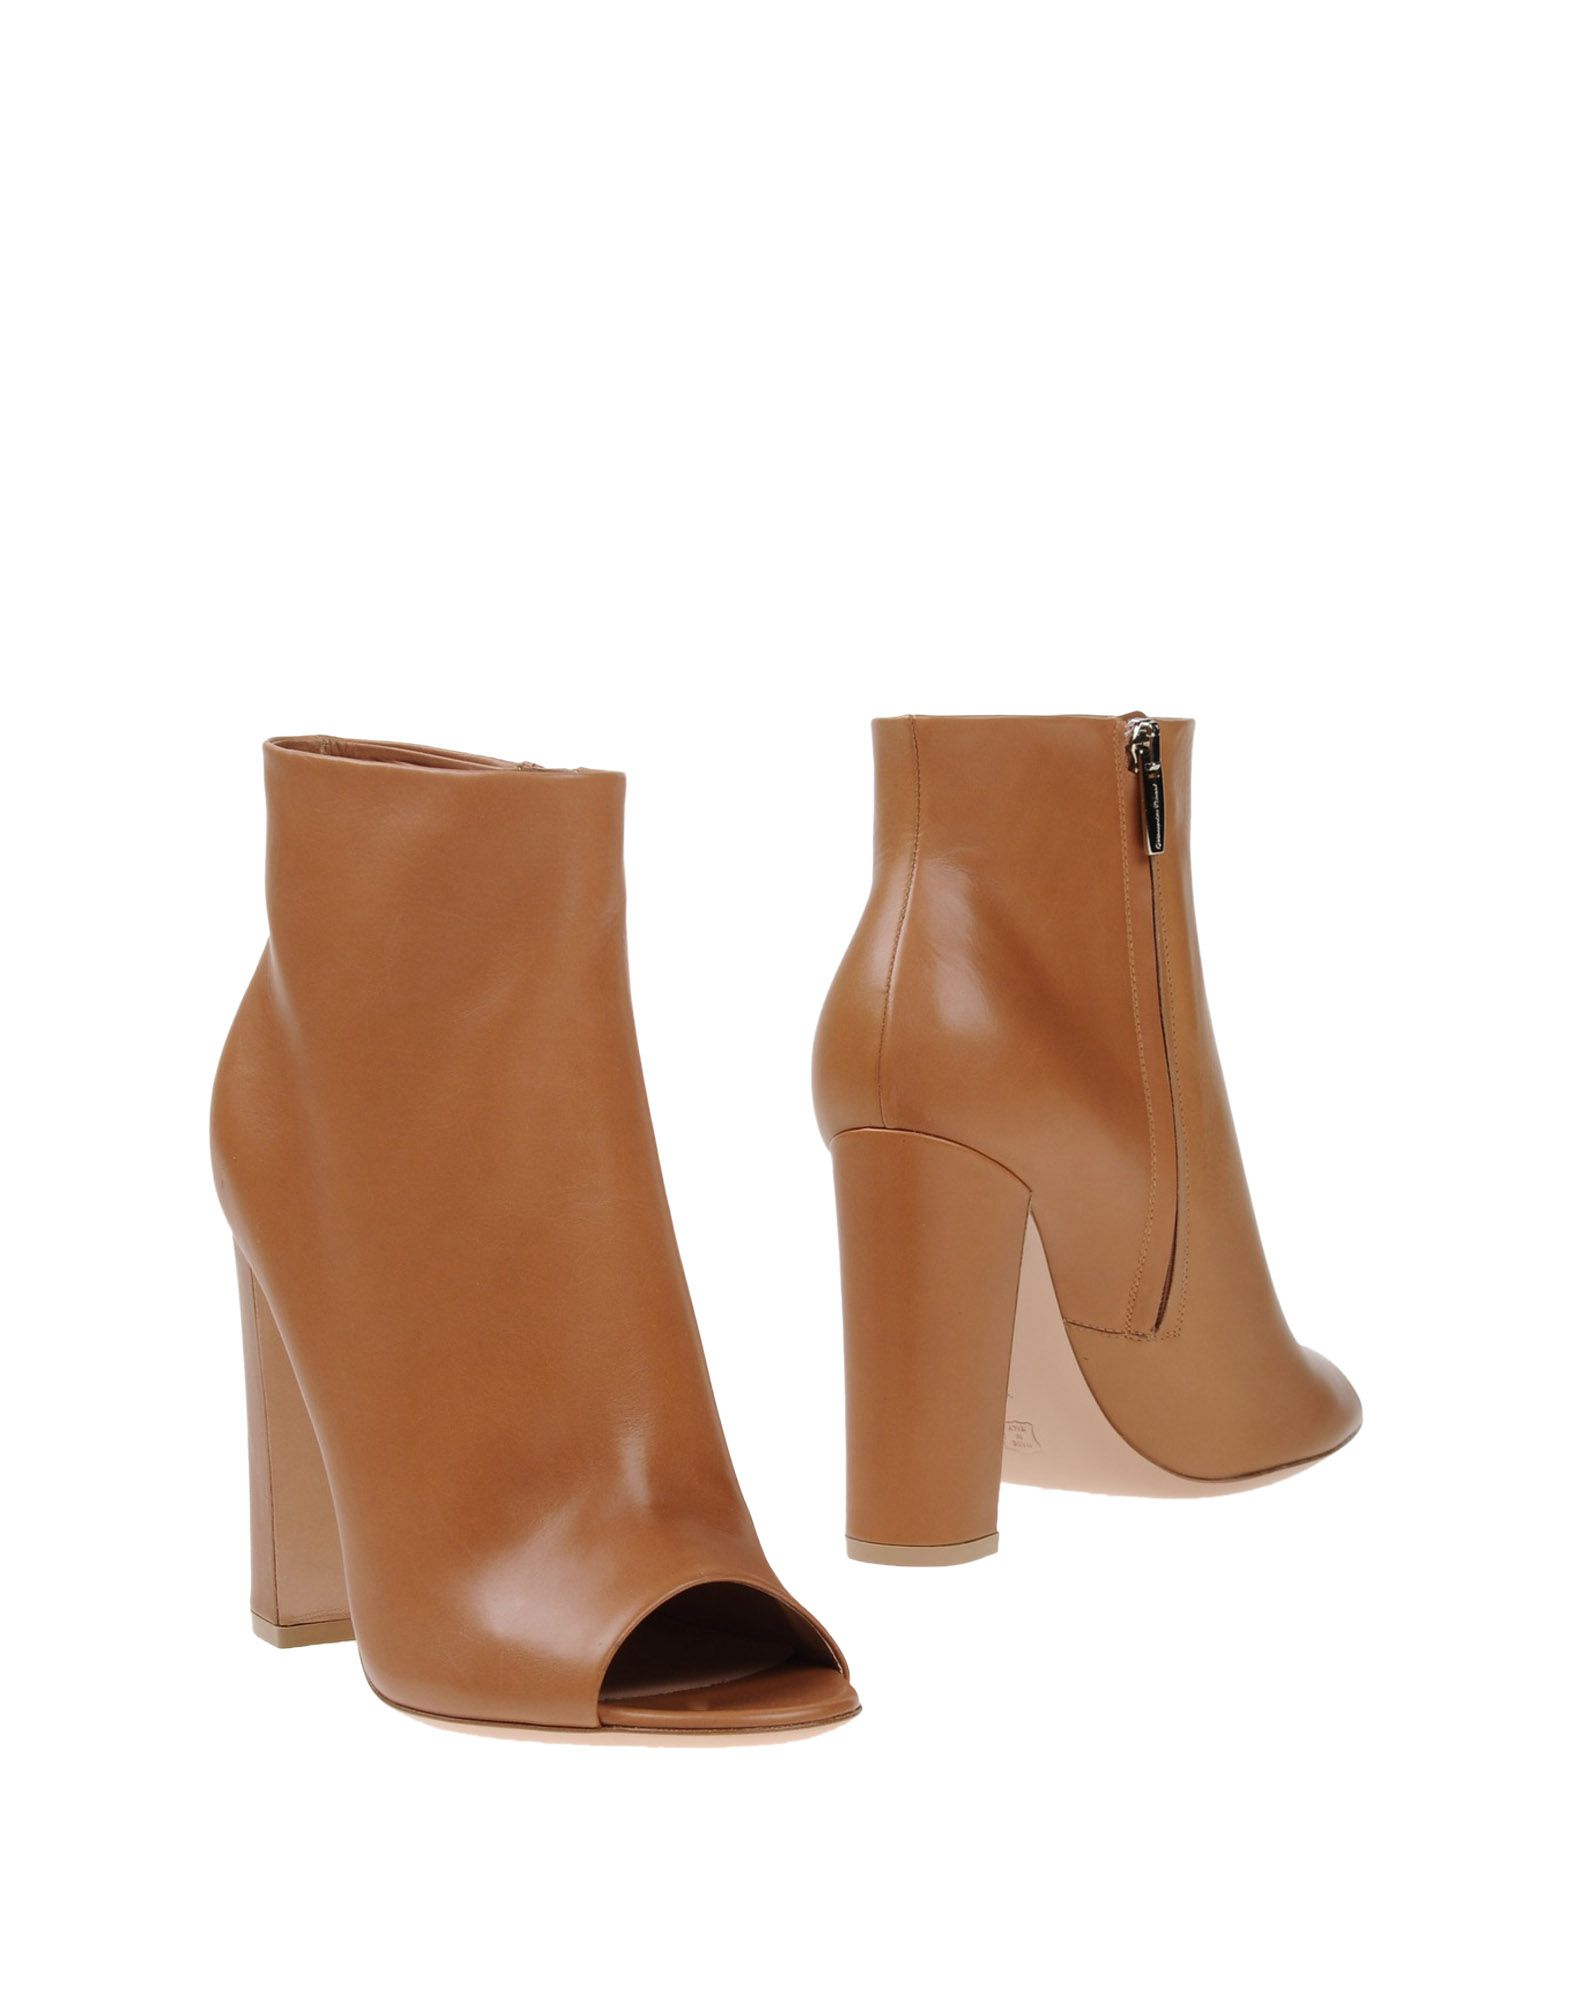 GIANVITO ROSSI Полусапоги и высокие ботинки плейбой бренд осенью открытый скалолазания и пешие прогулки досуга для дыхания и водонепроницаемым мужские ботинки